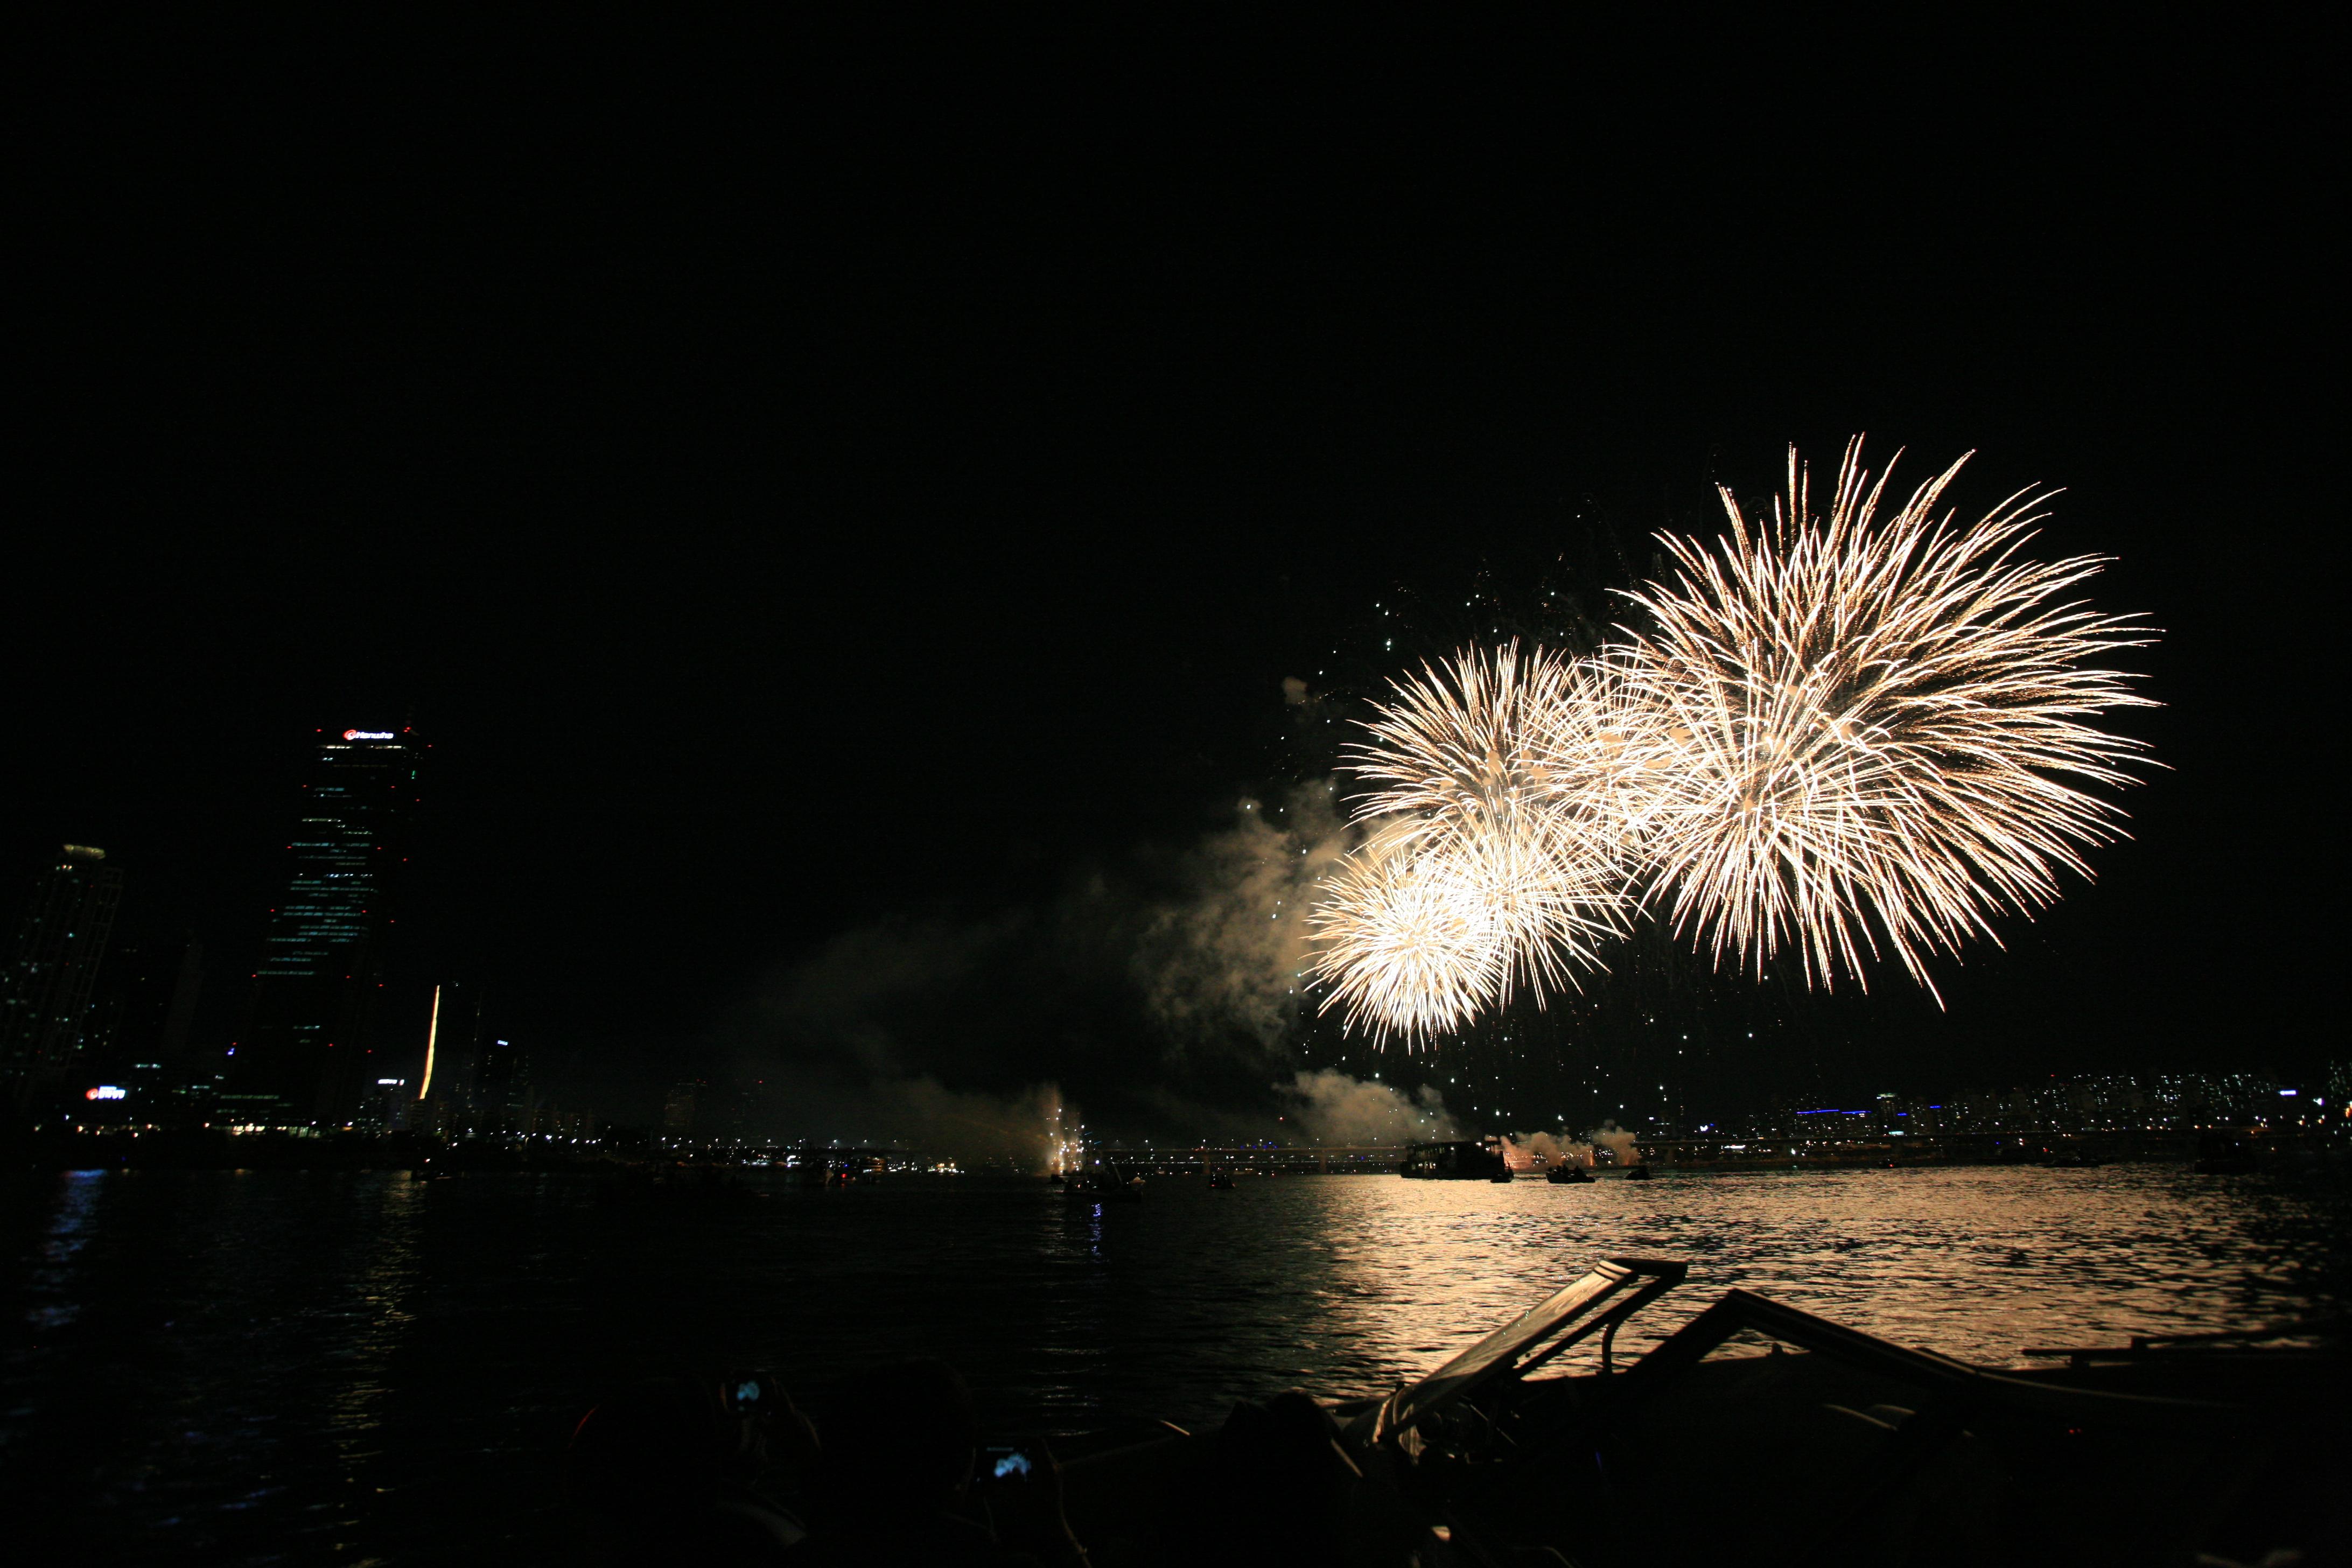 여의도 세계 불꽃축제 - 2007년 10월 13일 토요일